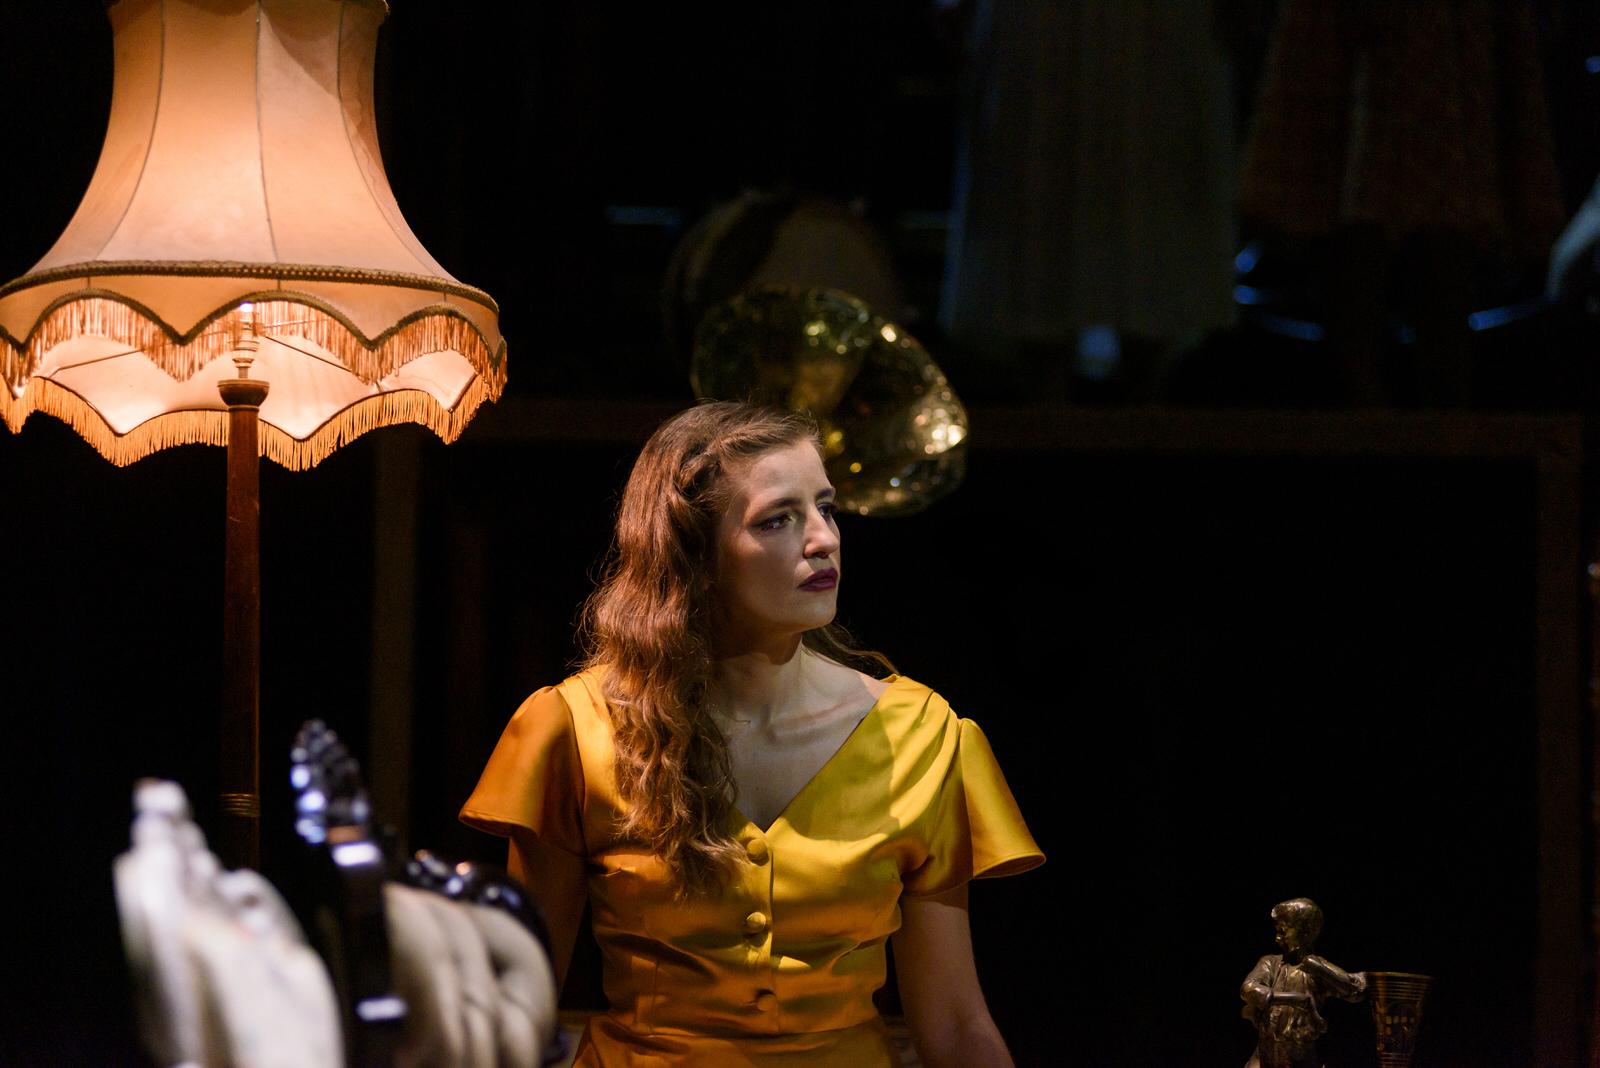 Η Μαρία Κίτσου στο Τρίτο Στεφάνι, φωτογραφία: Ελίνα Γιουνανλή